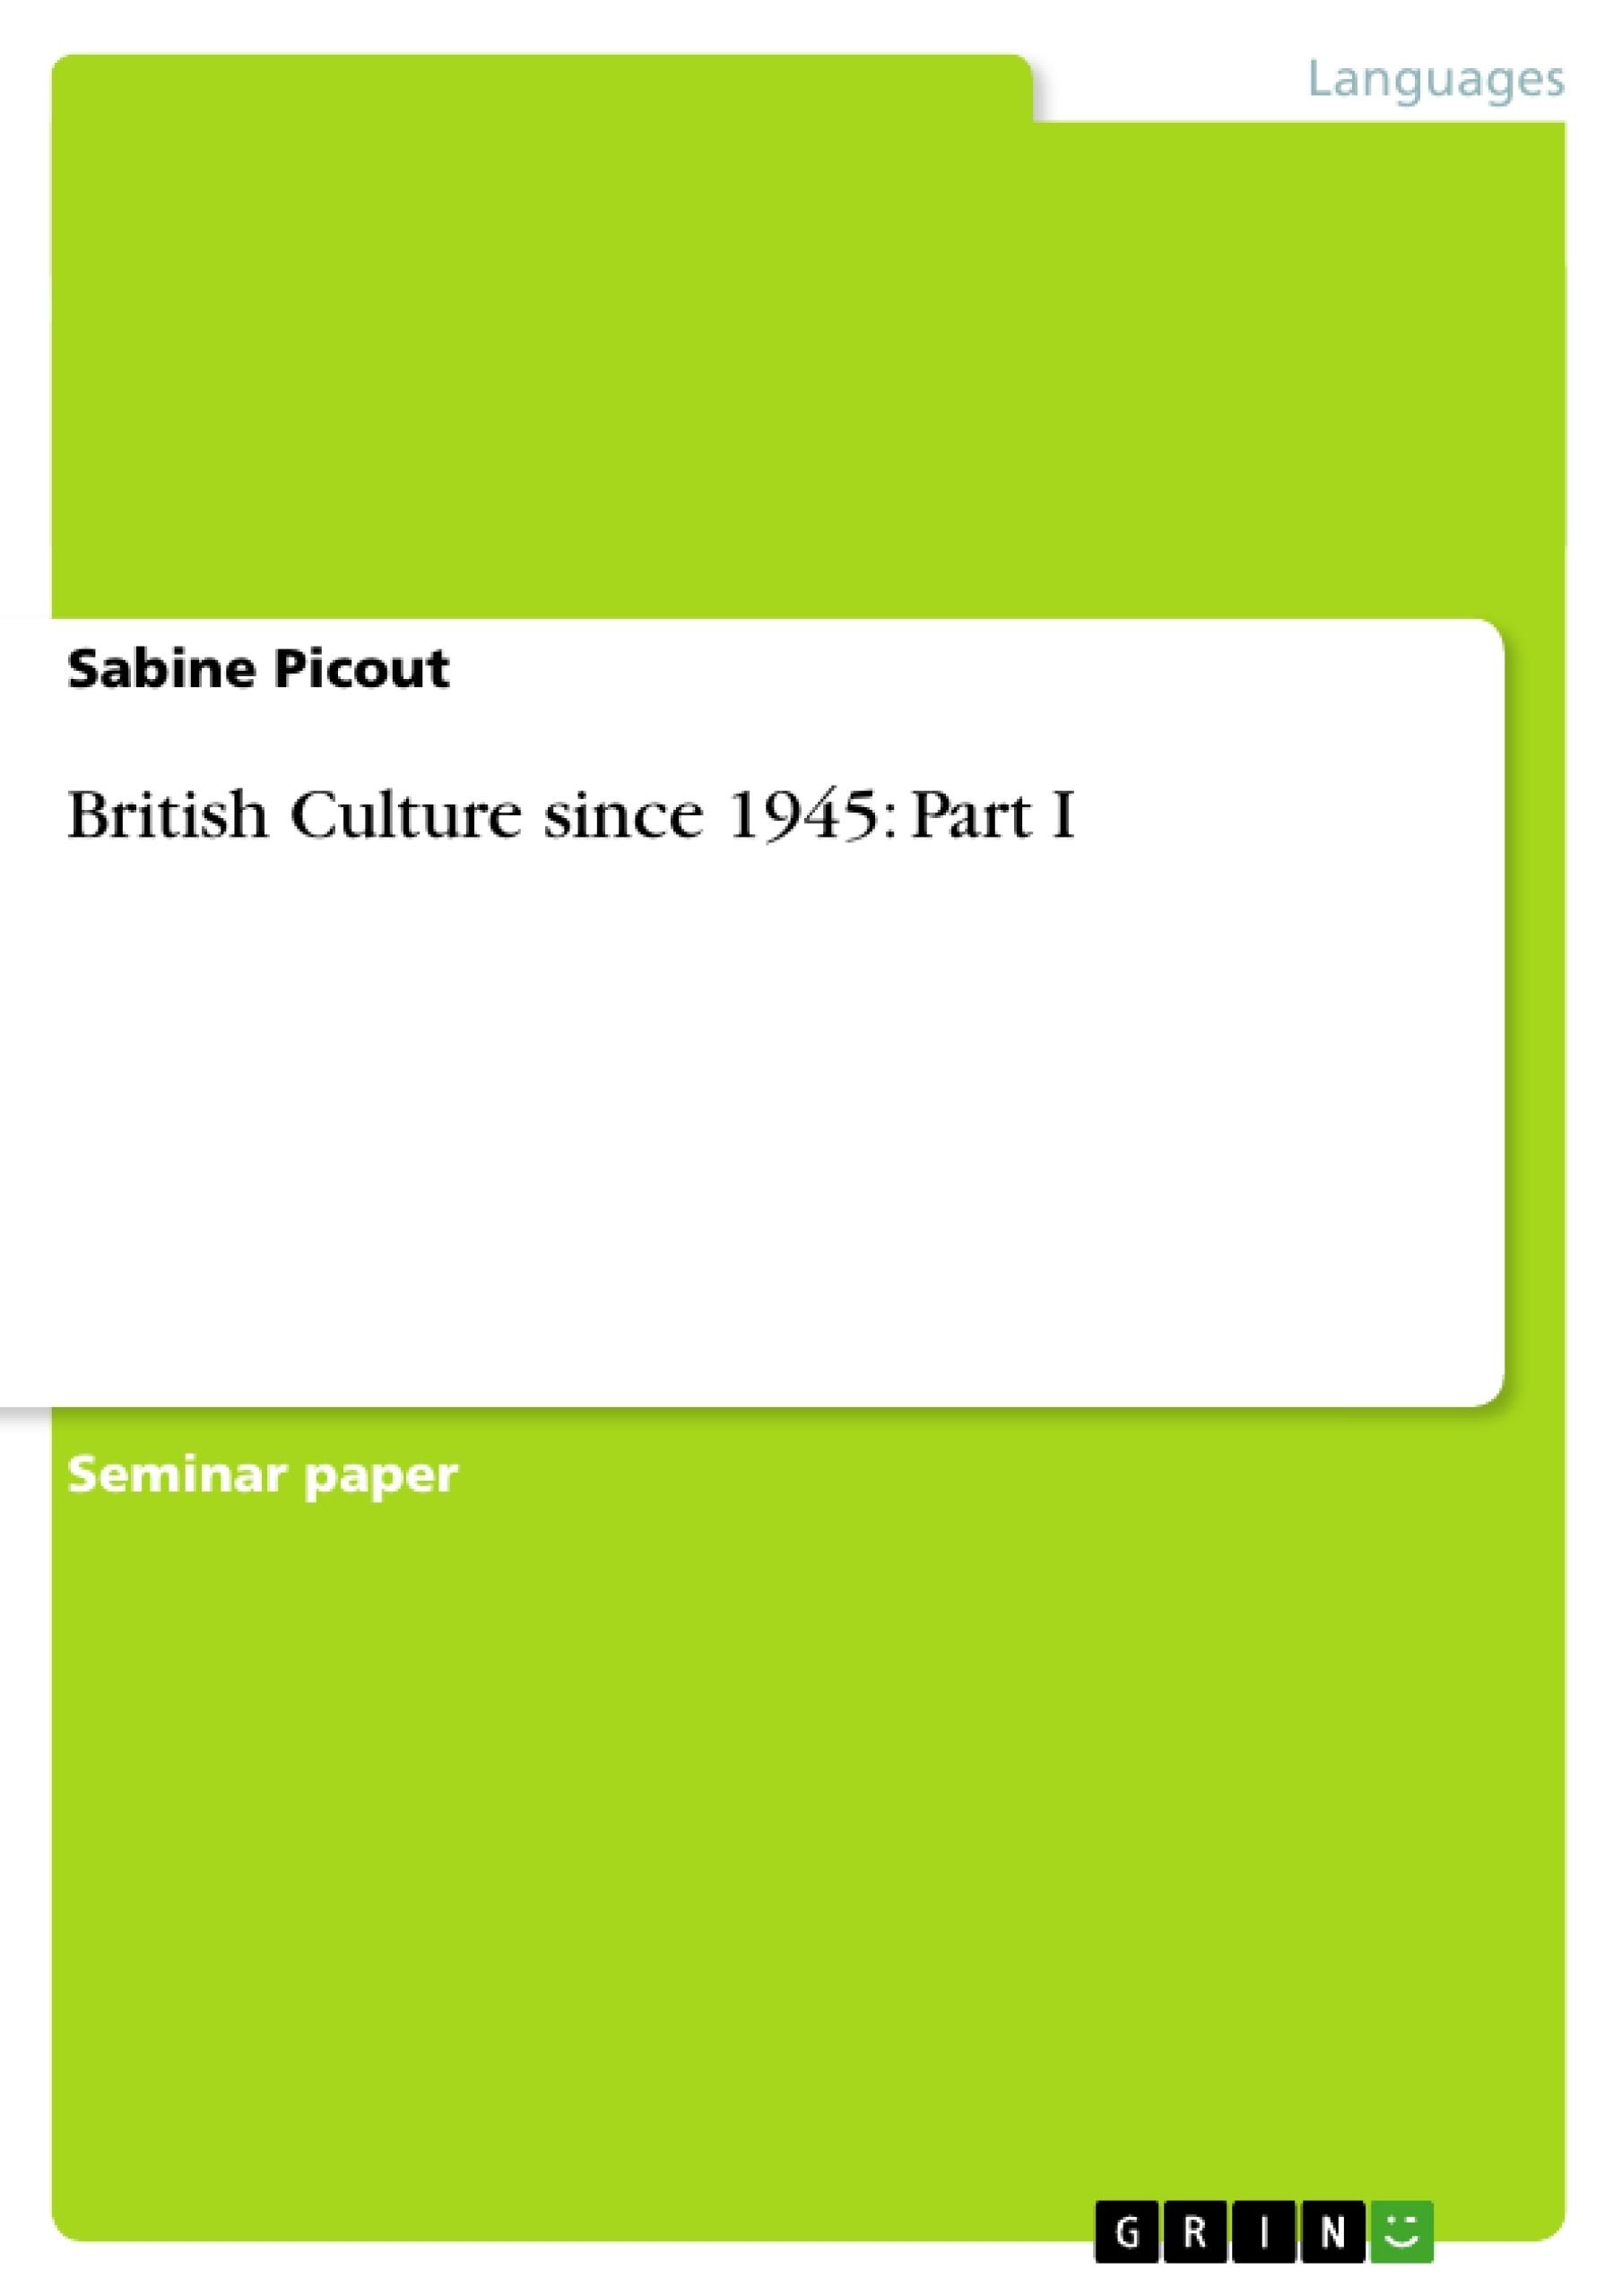 Title: British Culture since 1945: Part I